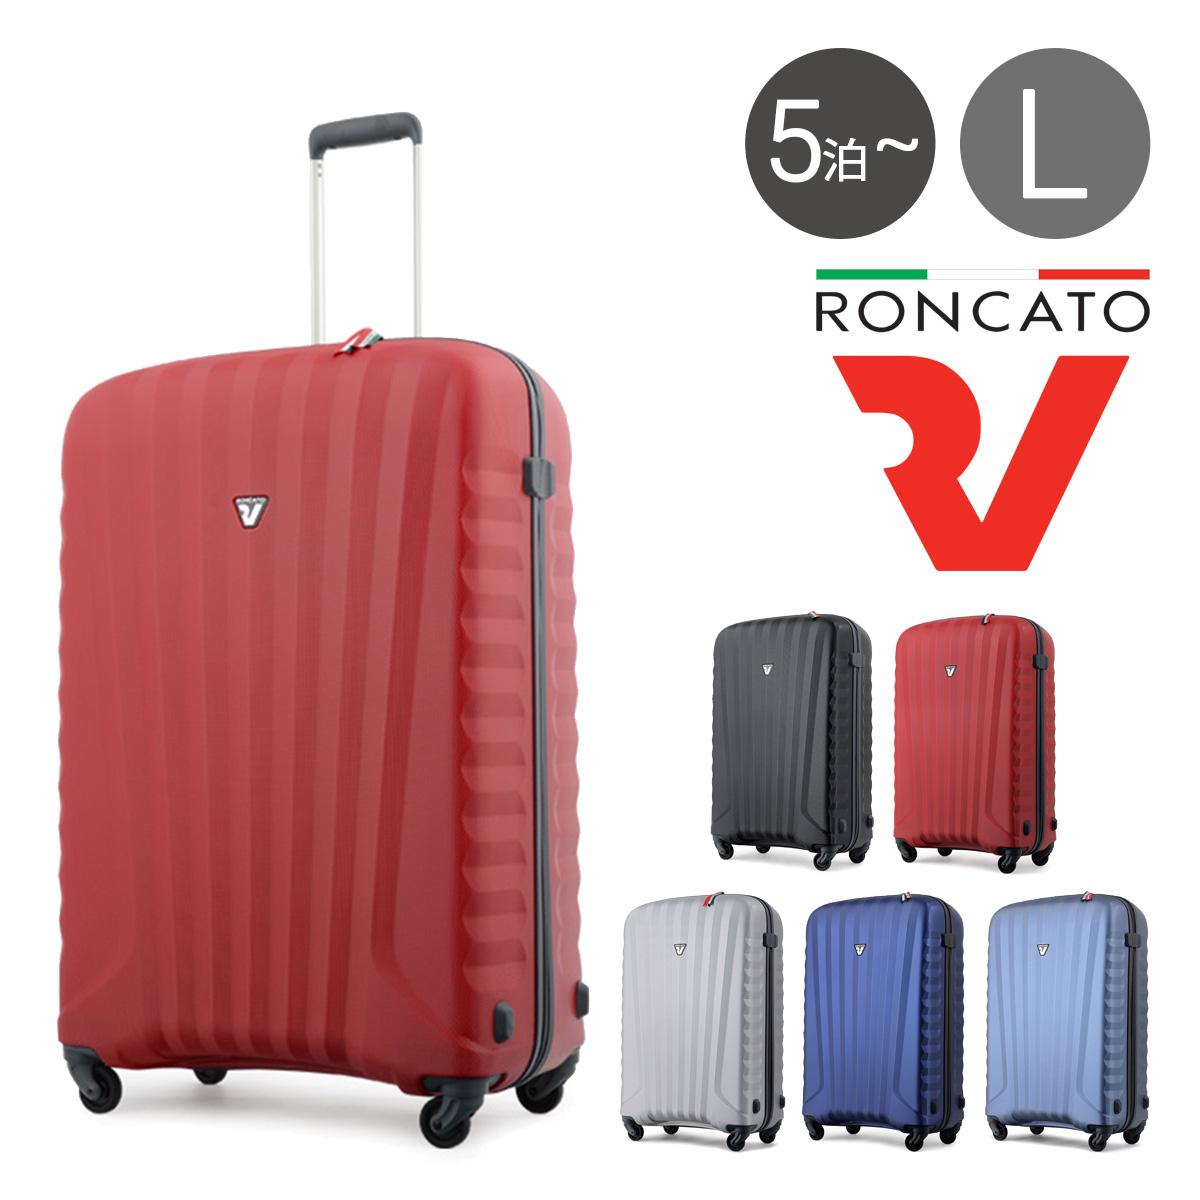 ロンカート RONCATO スーツケース 5081 UNO ZIP ZSL 74cm 【 ウノ ジッパー 10年保証 】【 1421 軽量 イタリア製 キャリーケース TSAロック搭載 】 【PO10】【bef】